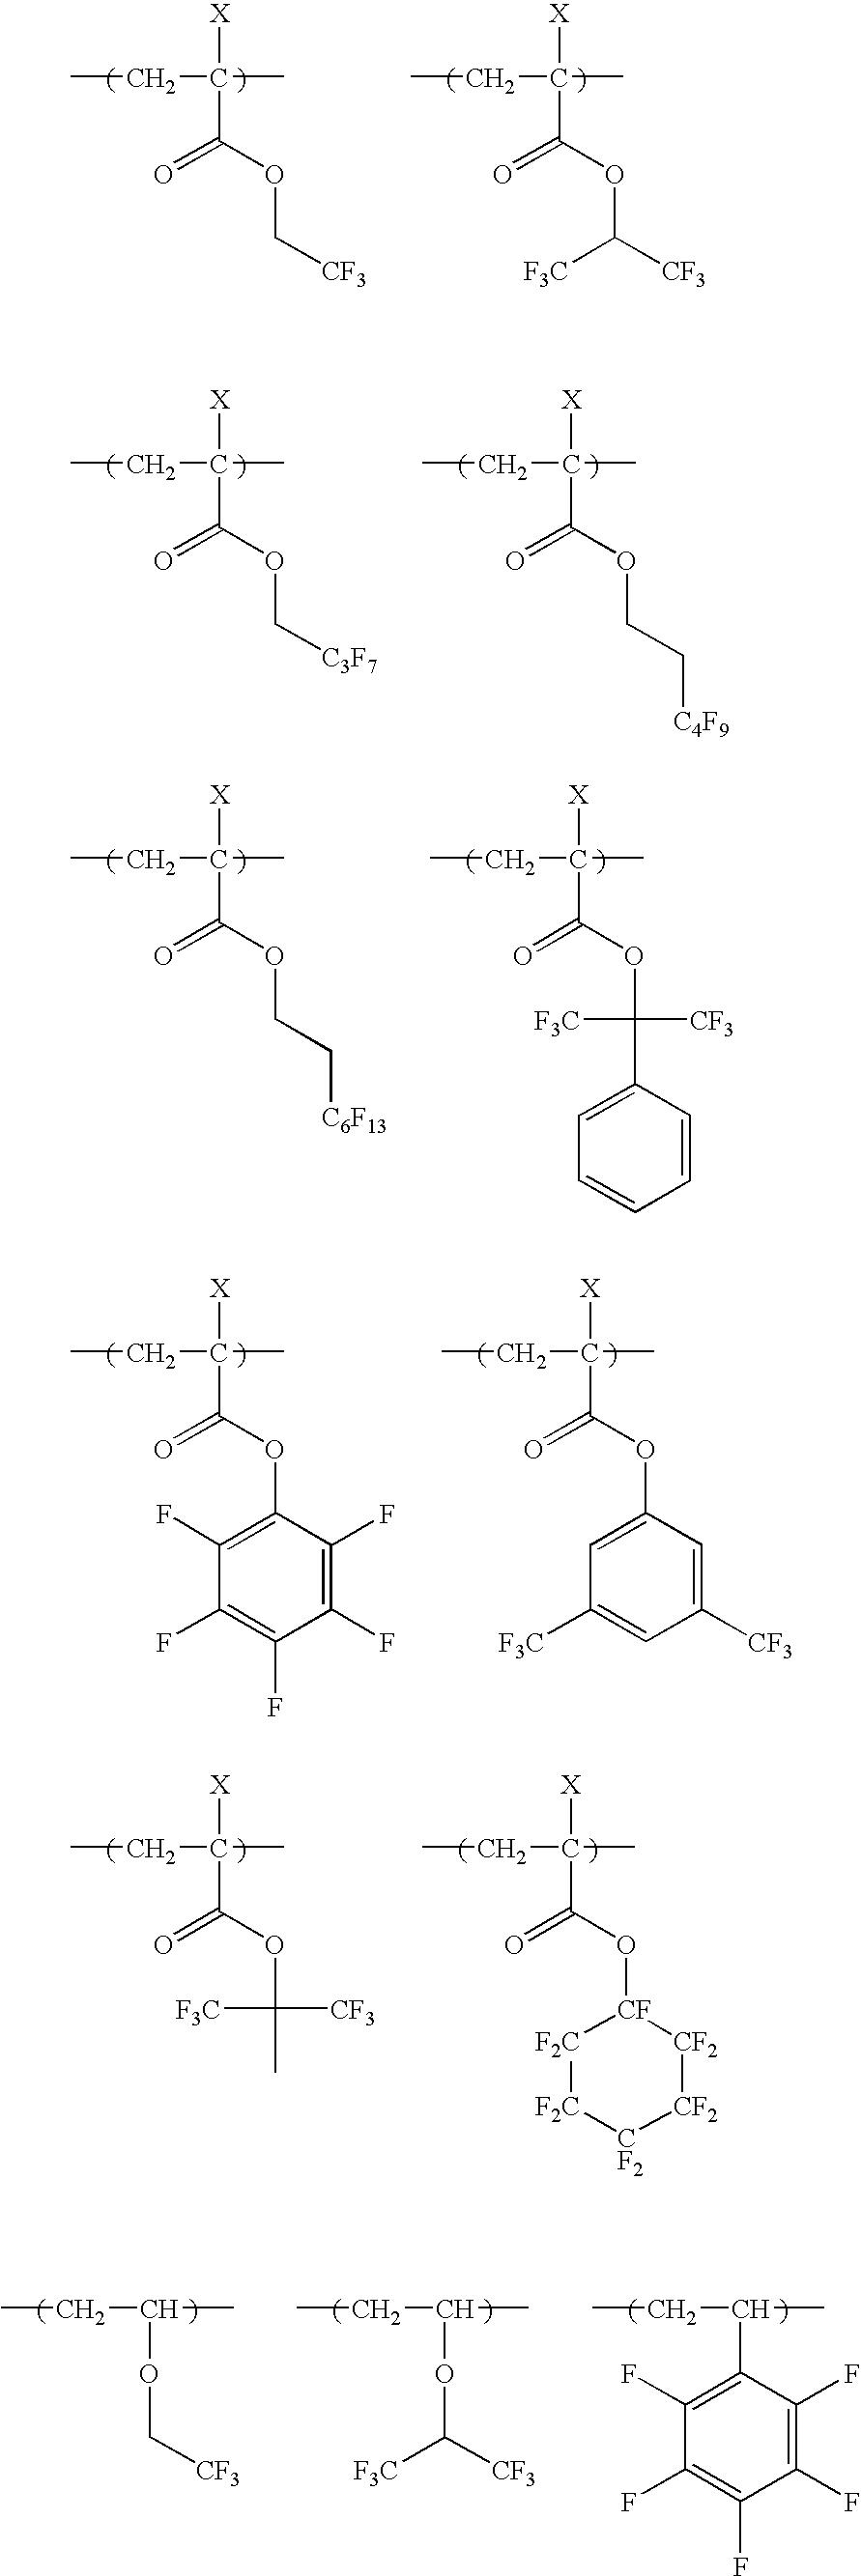 Figure US07985534-20110726-C00068